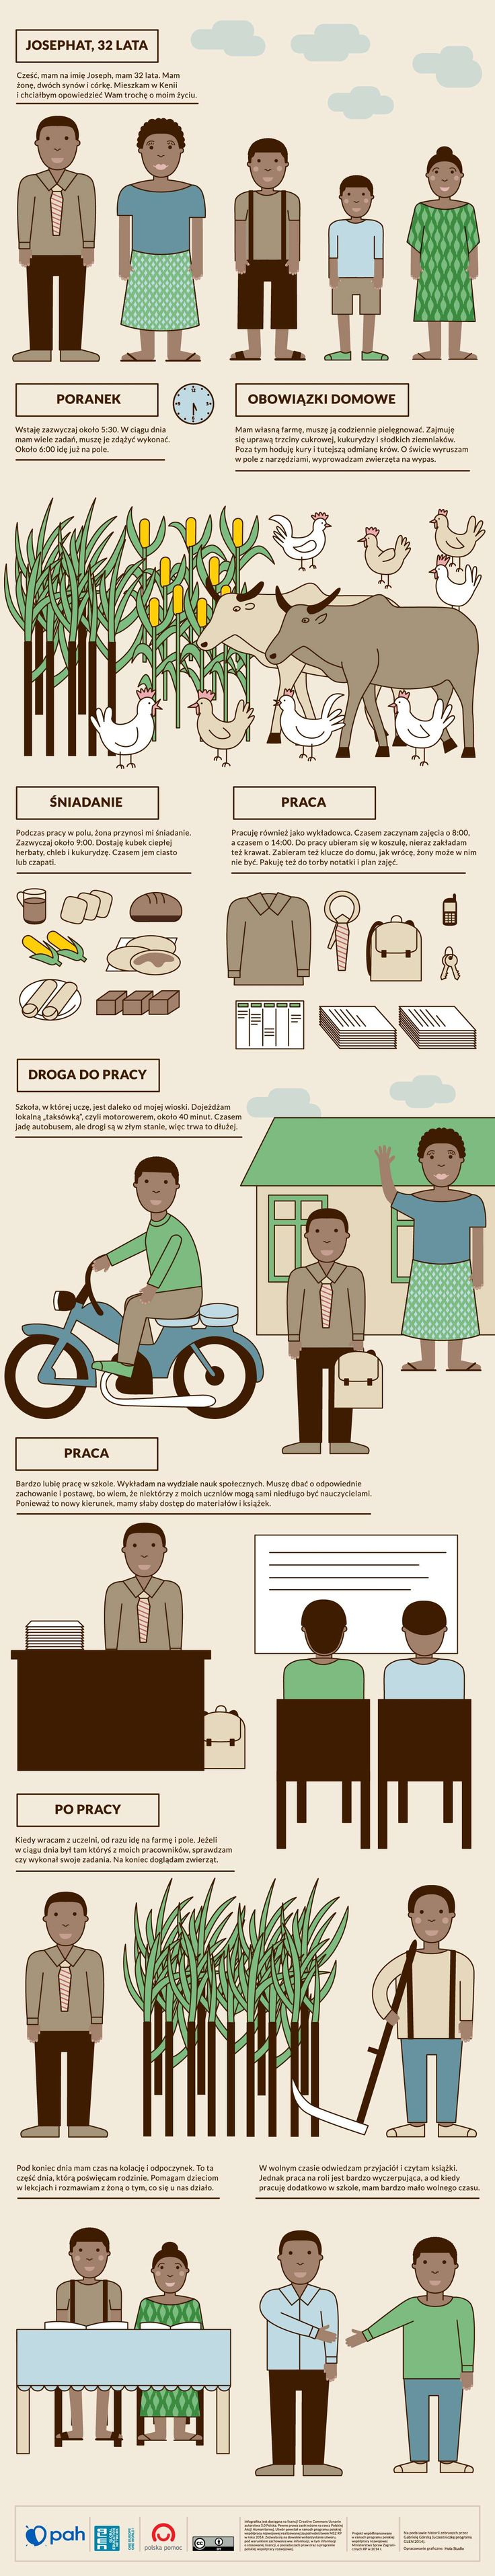 JOSEPHAT Poznaj 1 dzień z życia Josephata, która mieszka w Kenii. Zobacz co Was łączy! Zajrzyj także na http://www.pah.org.pl/nasze-dzialania/467/edukacja_globalna i zobacz co robimy w obszarze edukacji globalnej. Wspieraj nas, udostępniając nasze materiały edukacyjne.